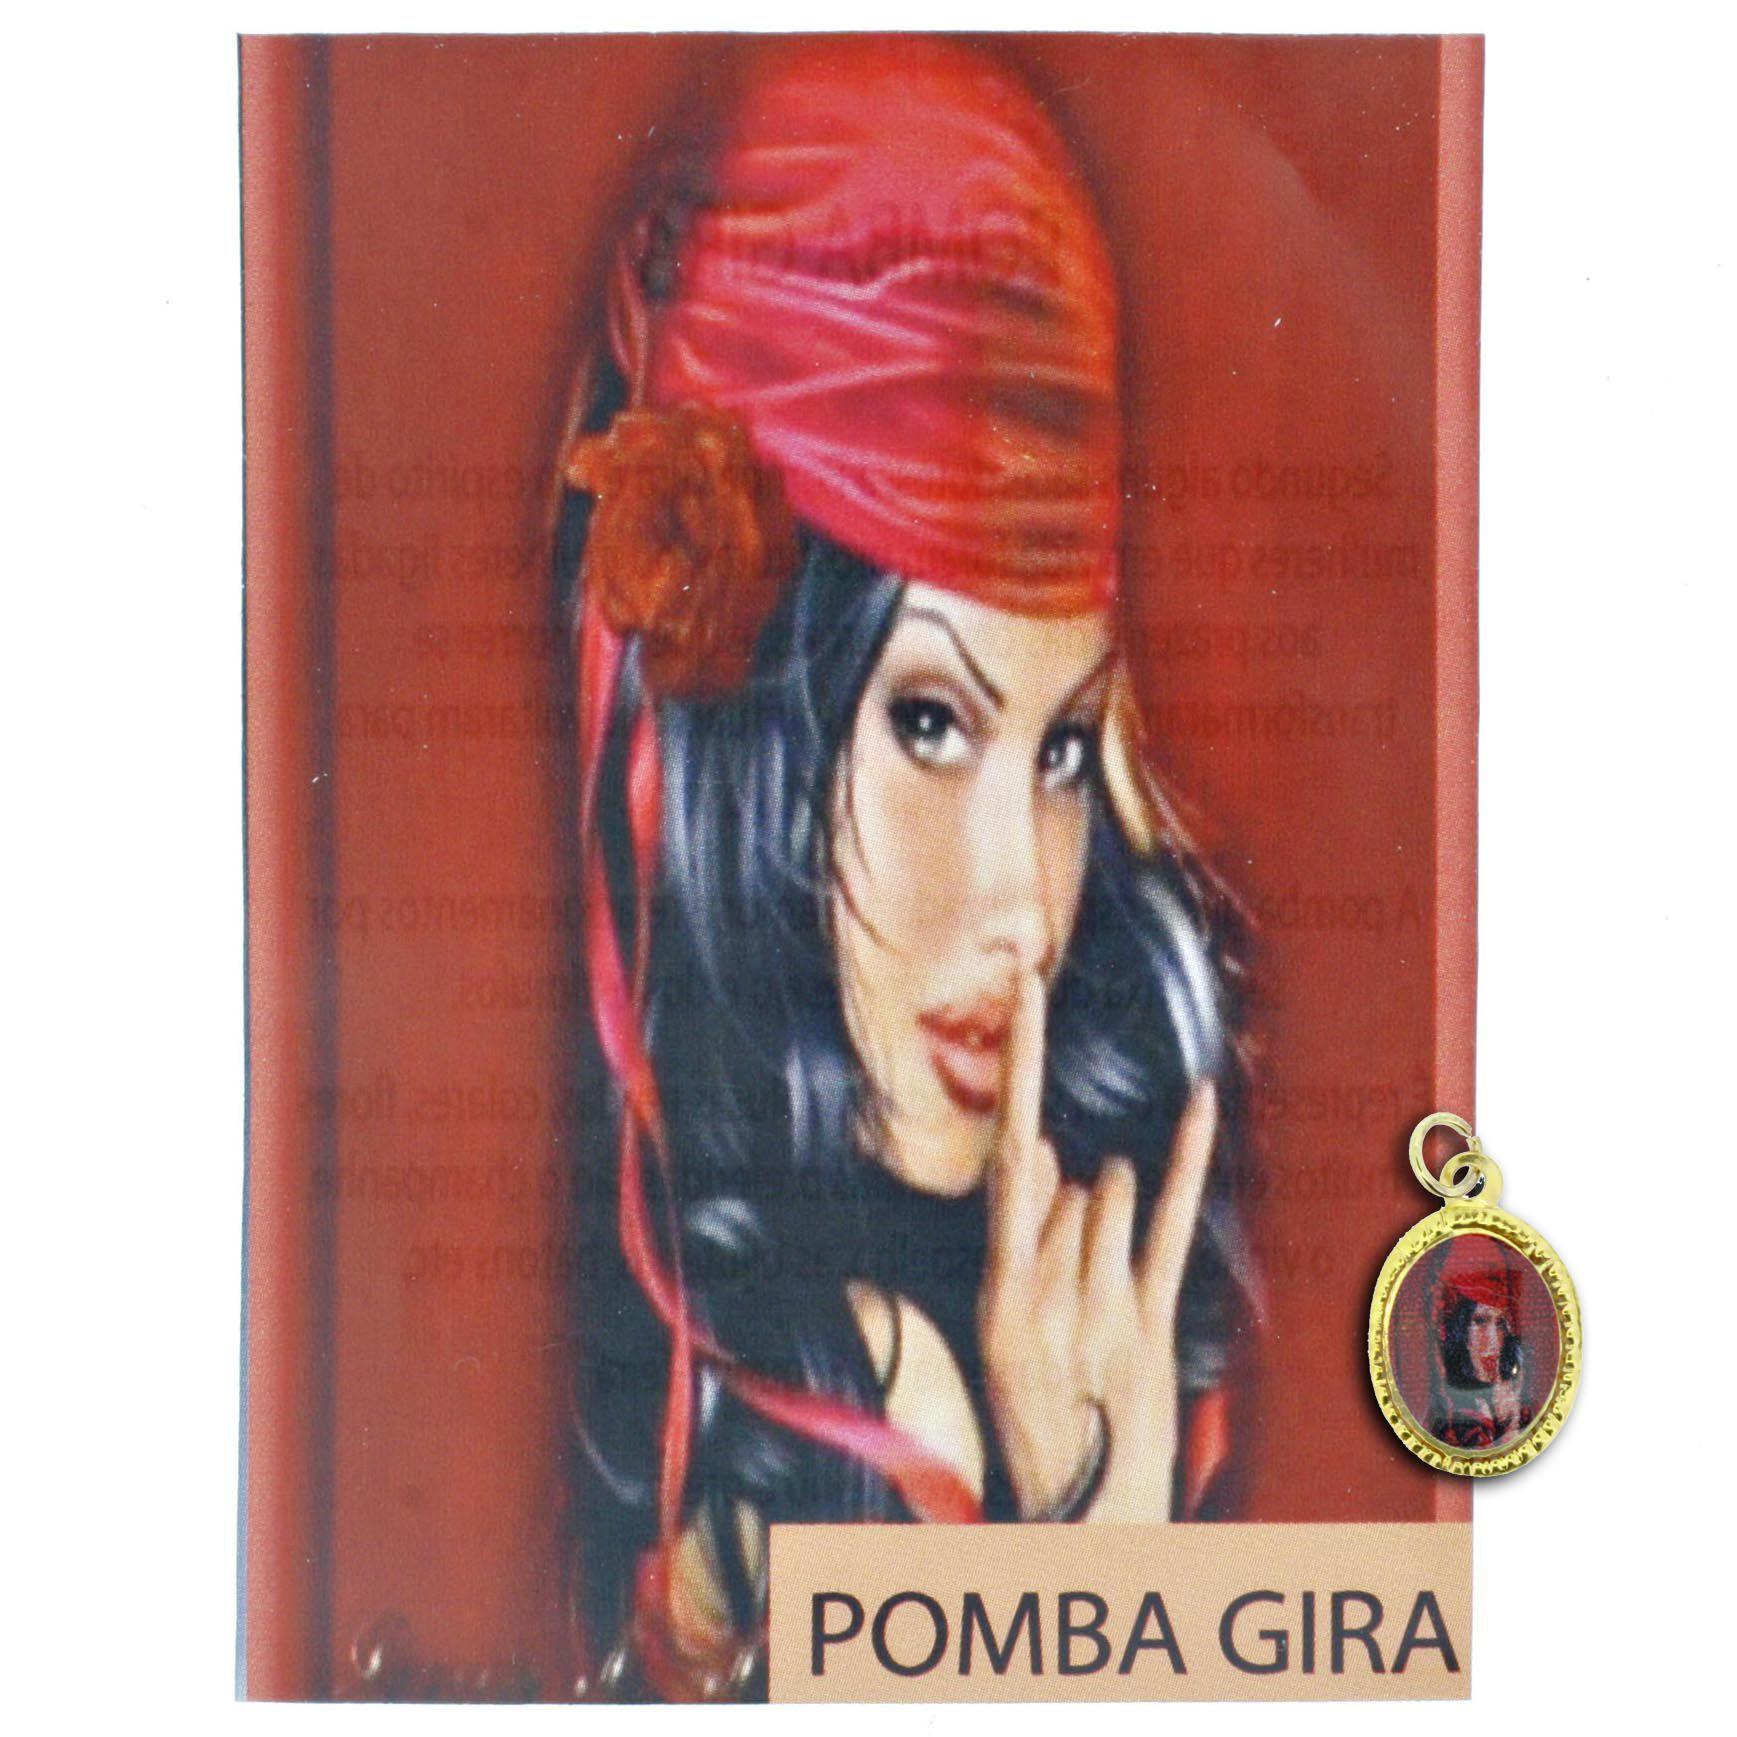 Medalha Pombagira + Folheto  - Universo Religioso® - Artigos de Umbanda e Candomblé